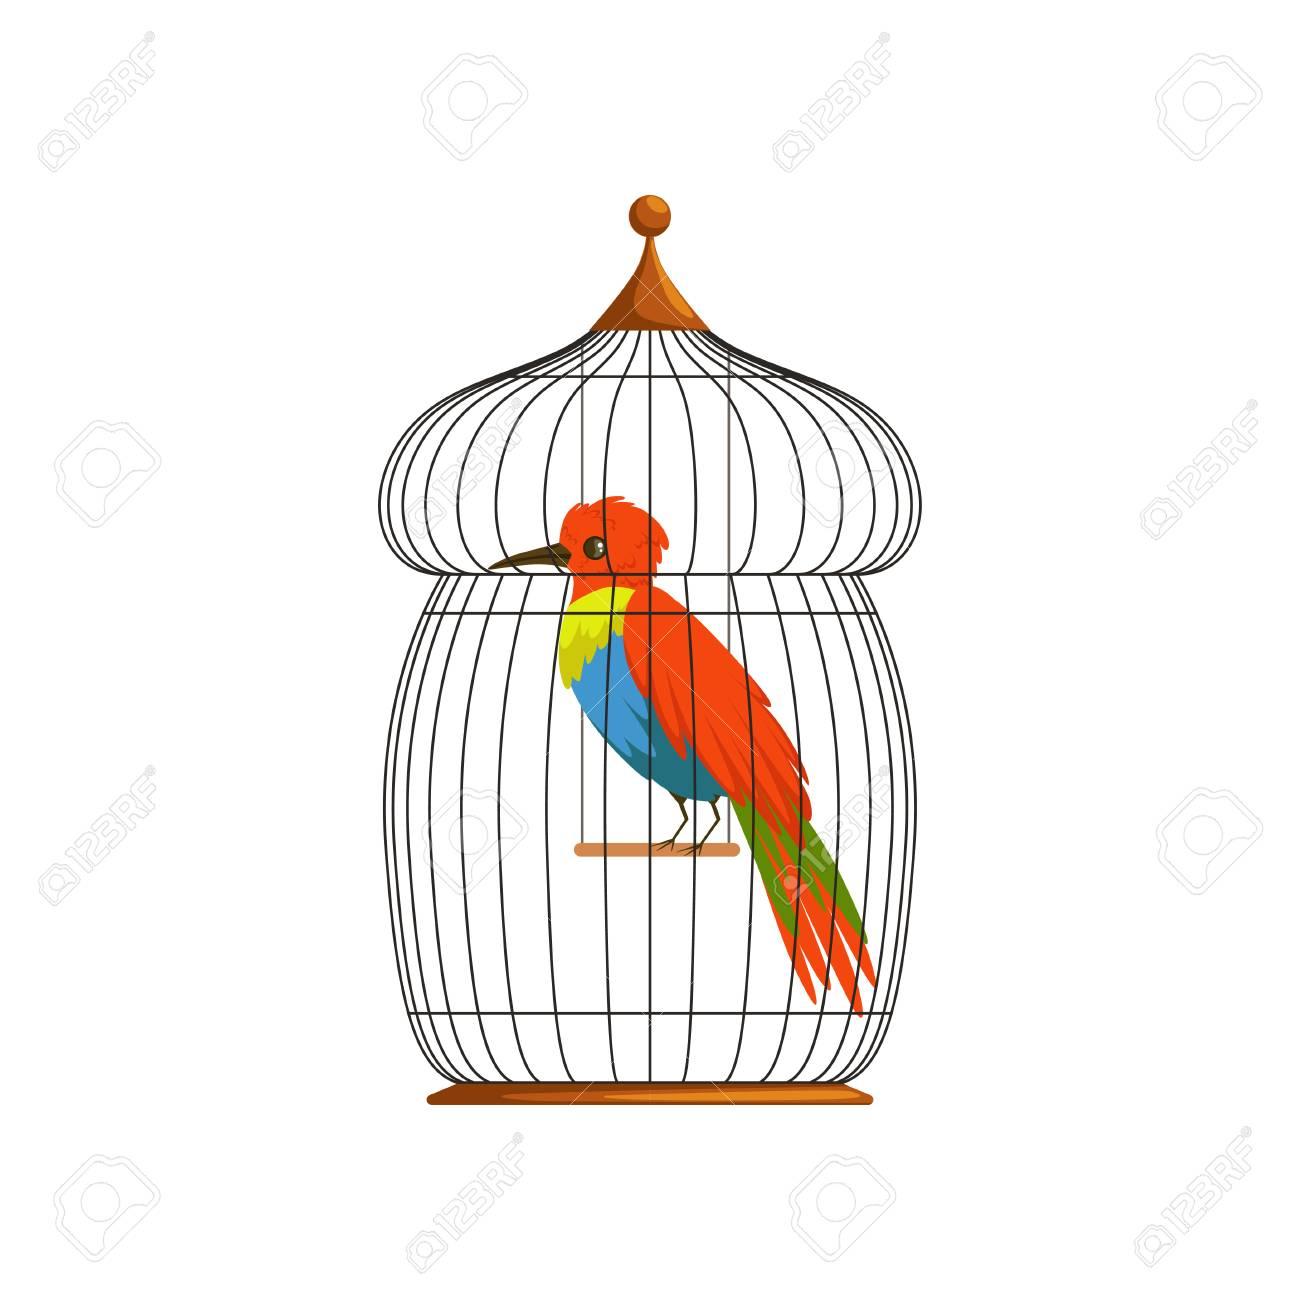 Dessin Oiseau En Cage grand oiseau avec de longues panaches brillants vert, bleu et rouge